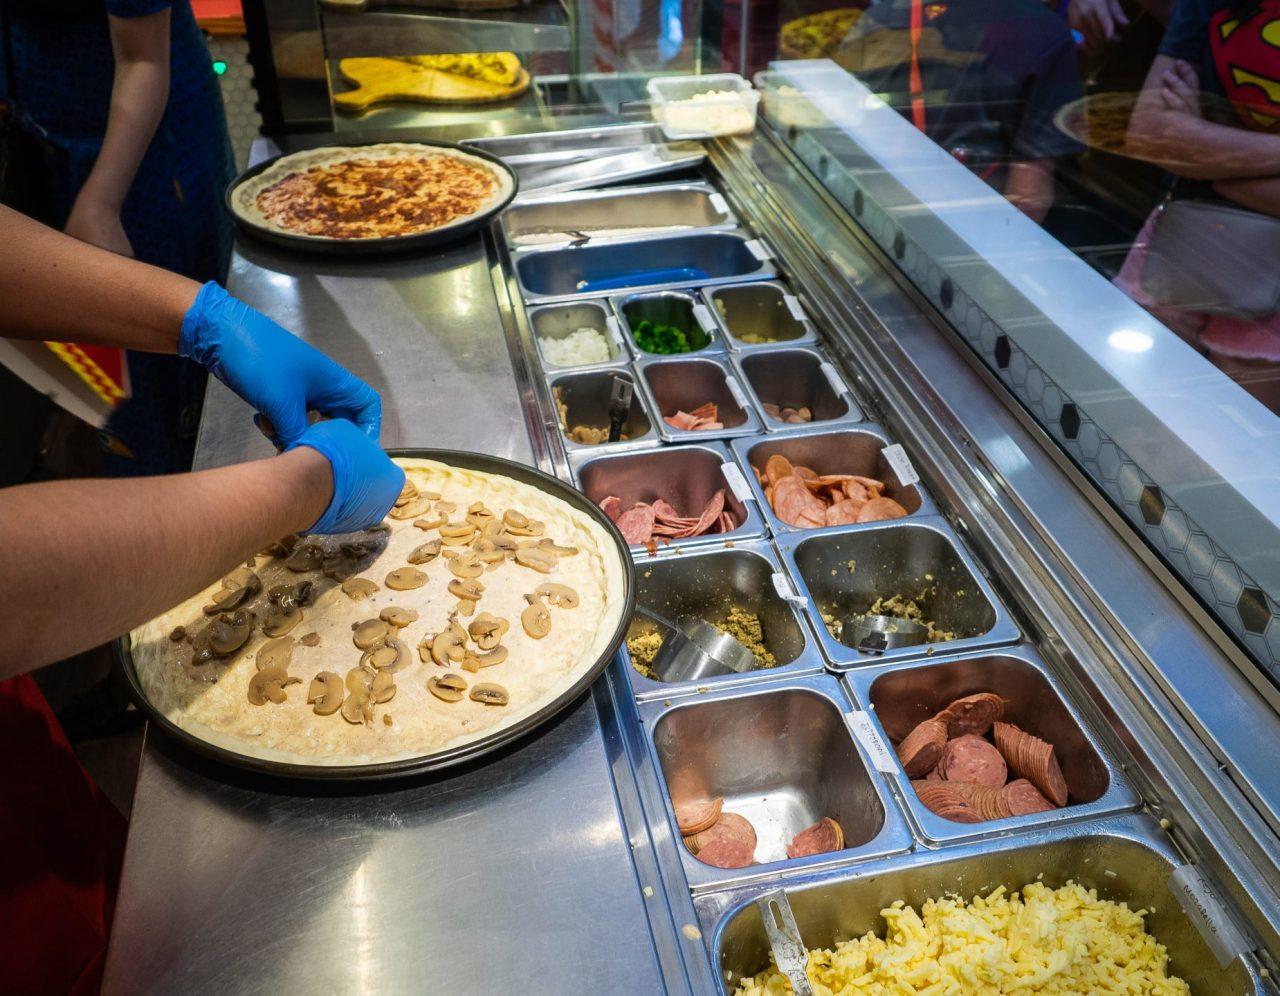 Dari Singapore ke Medan, Pezzo Pizza Utamakan Kecepatan Daripada Kelaparan 11